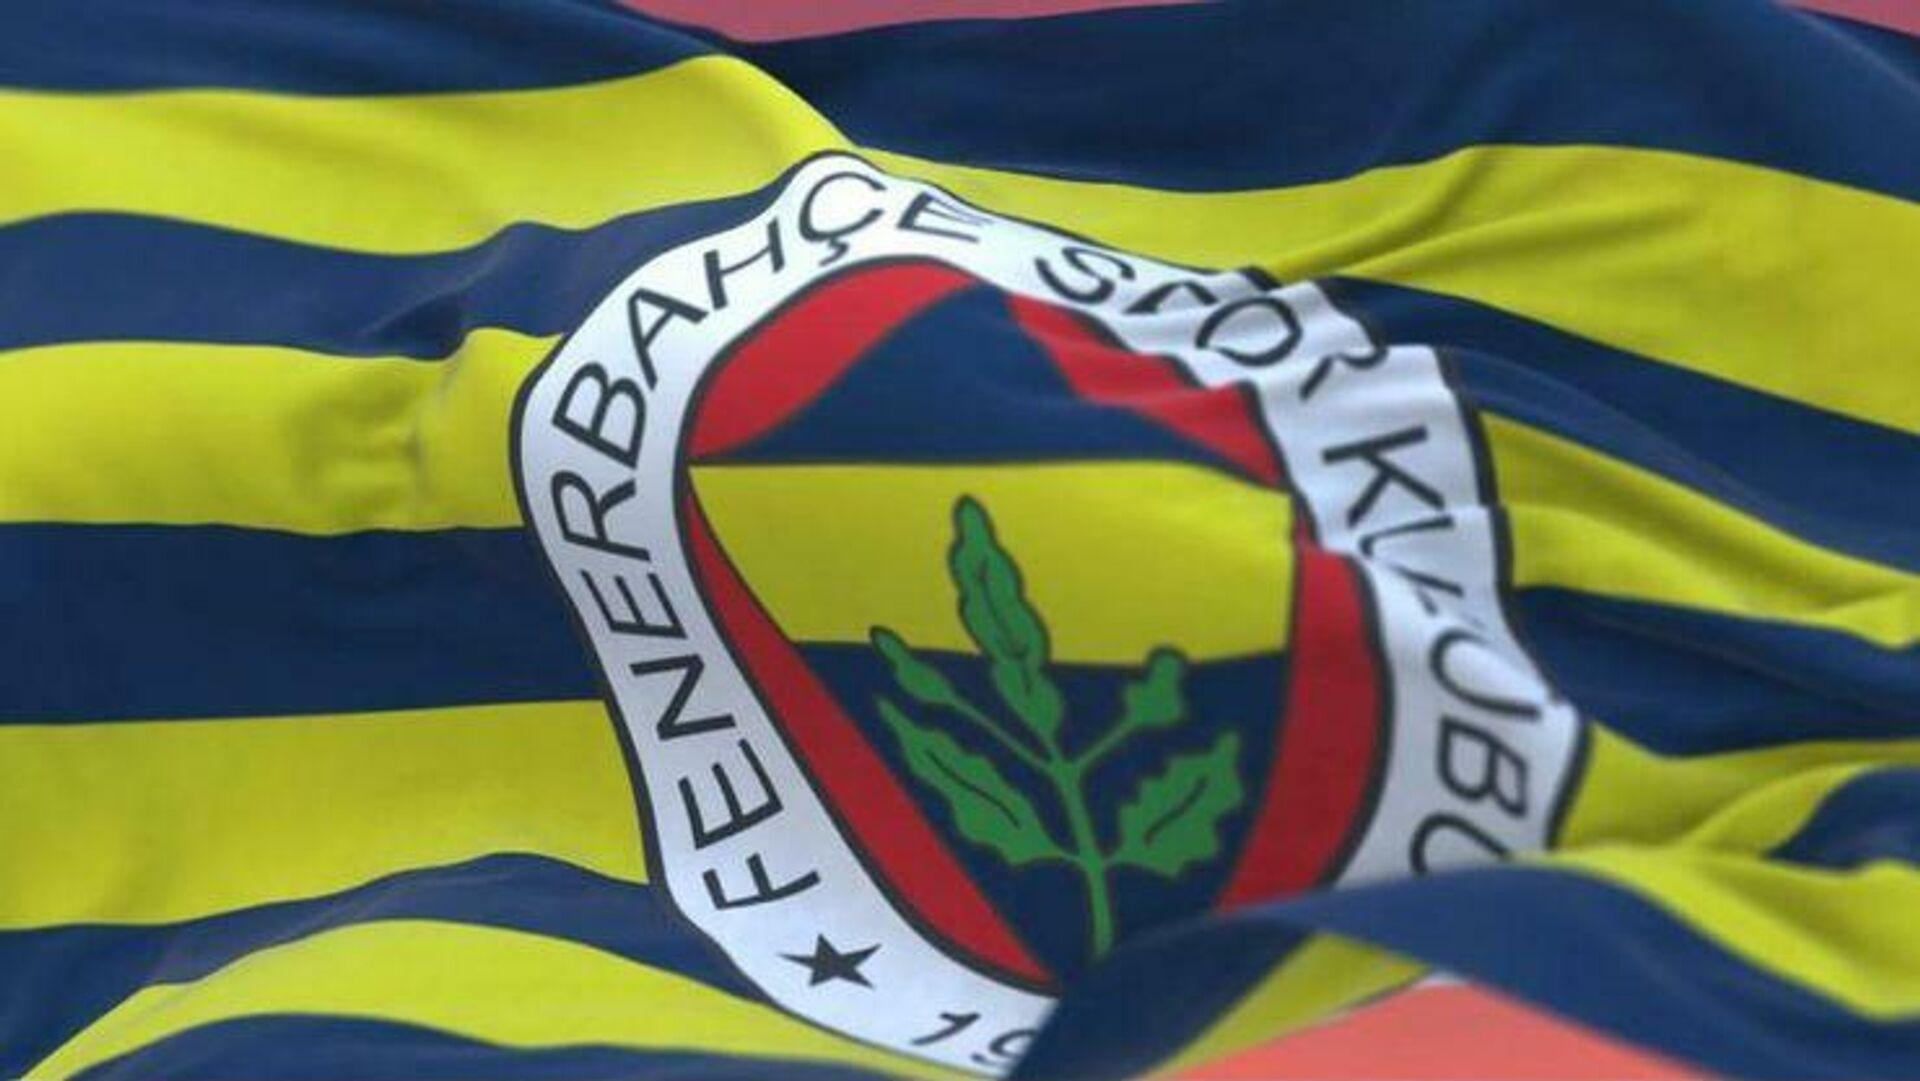 Fenerbahçe - bayrak - Sputnik Türkiye, 1920, 19.09.2021